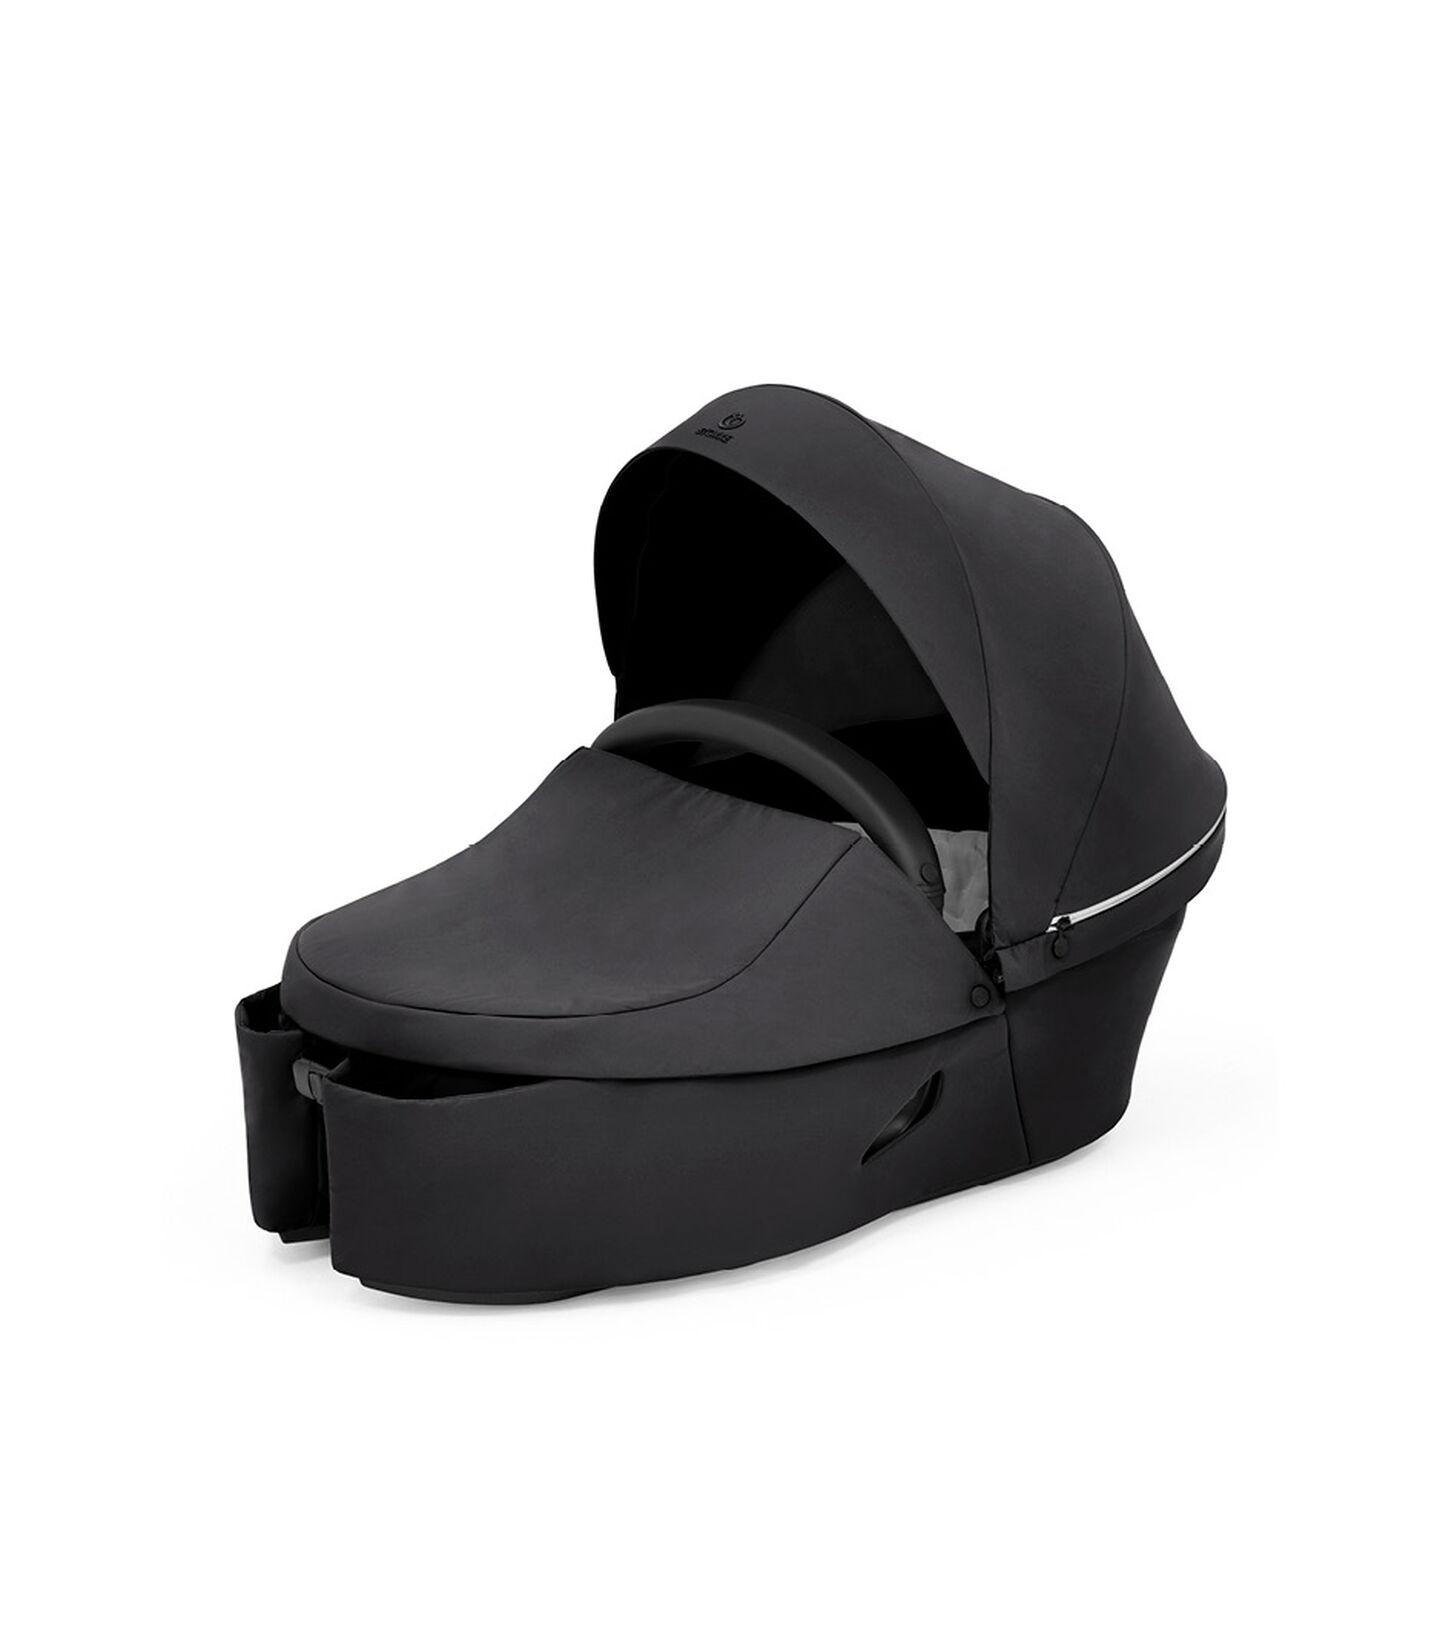 Stokke® Xplory® X Carry Cot Rich Black, Rich Black, mainview view 2